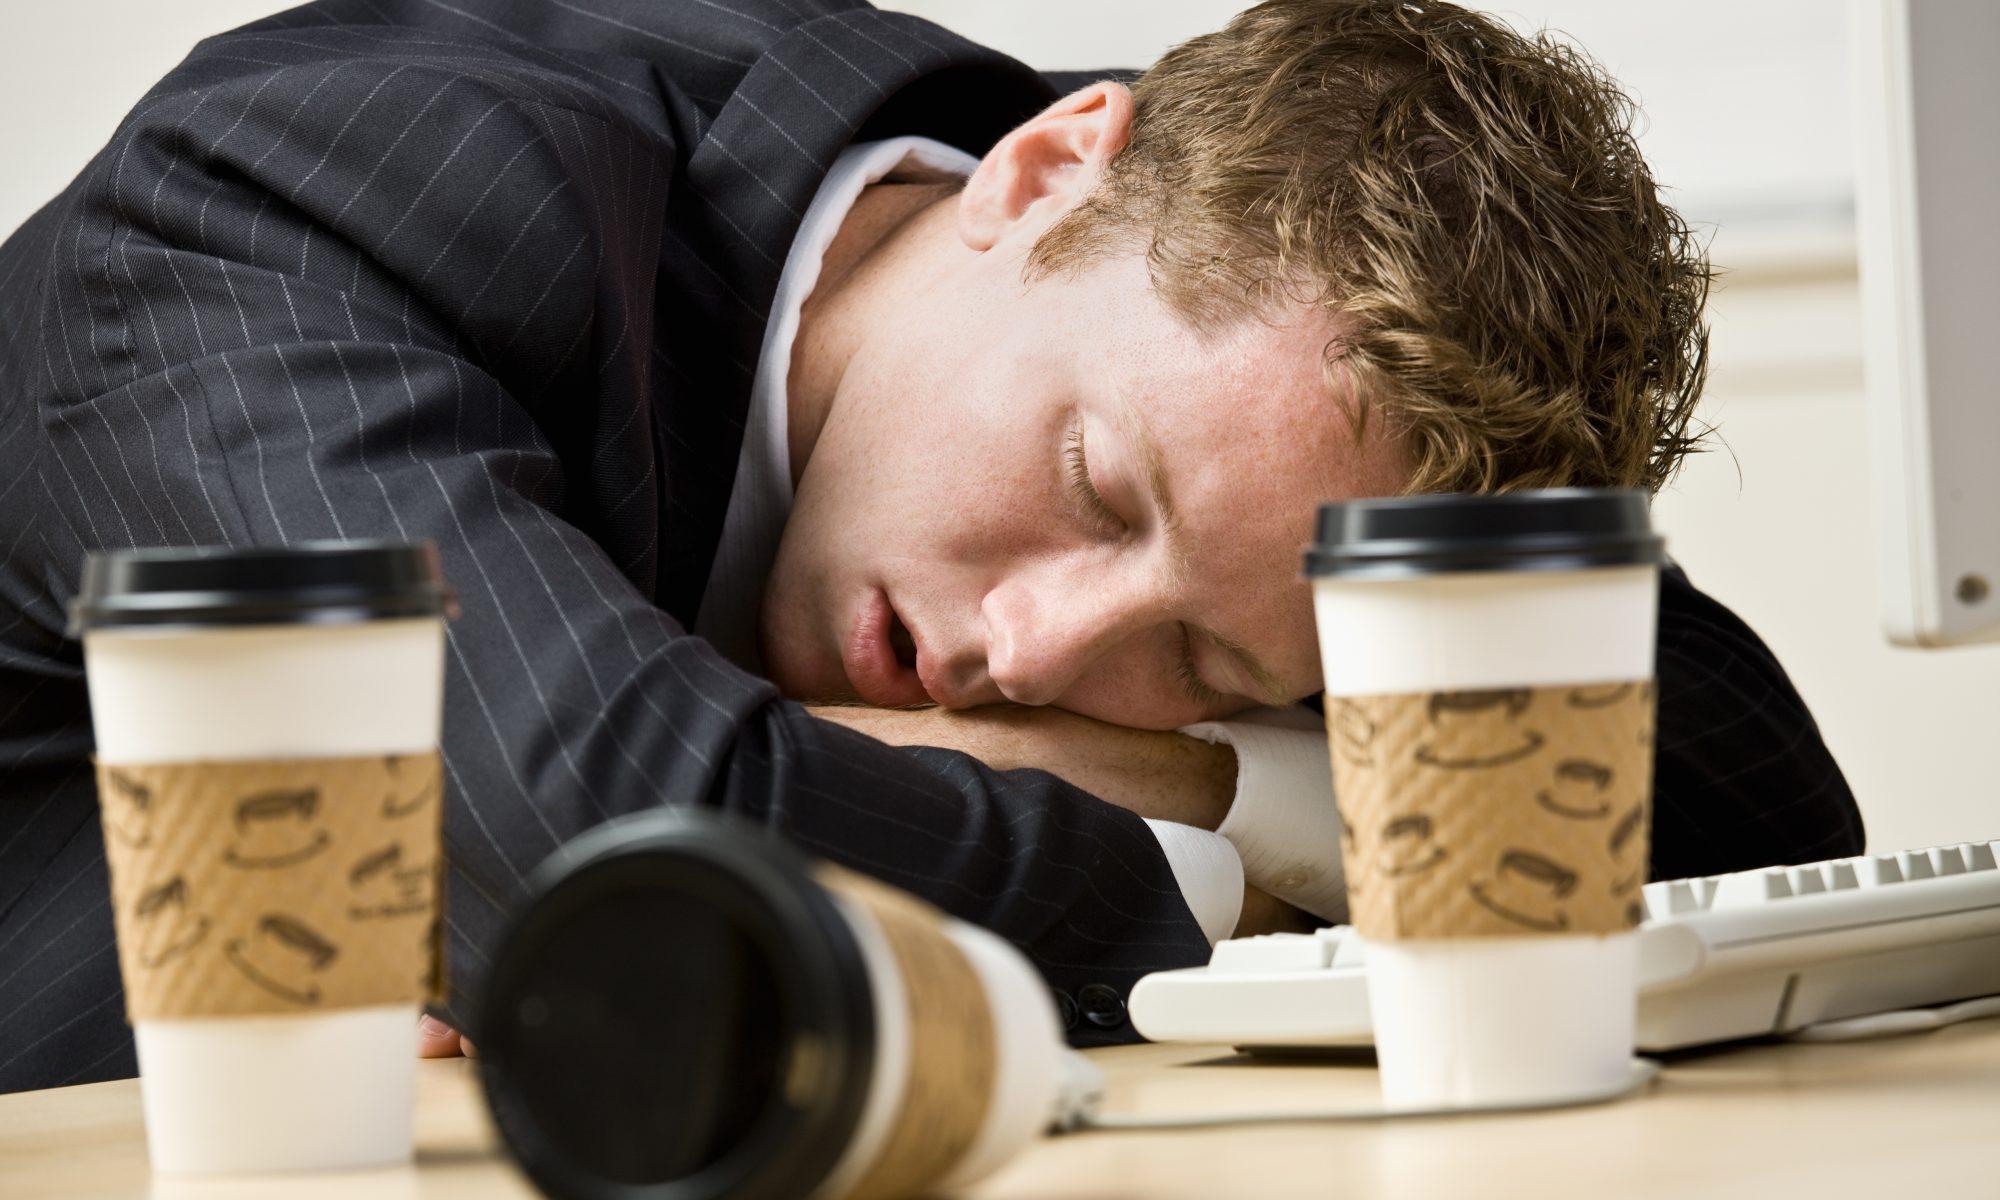 Mand i jakkesæt sover på skrivebordet, på trods af flere kopper kaffe